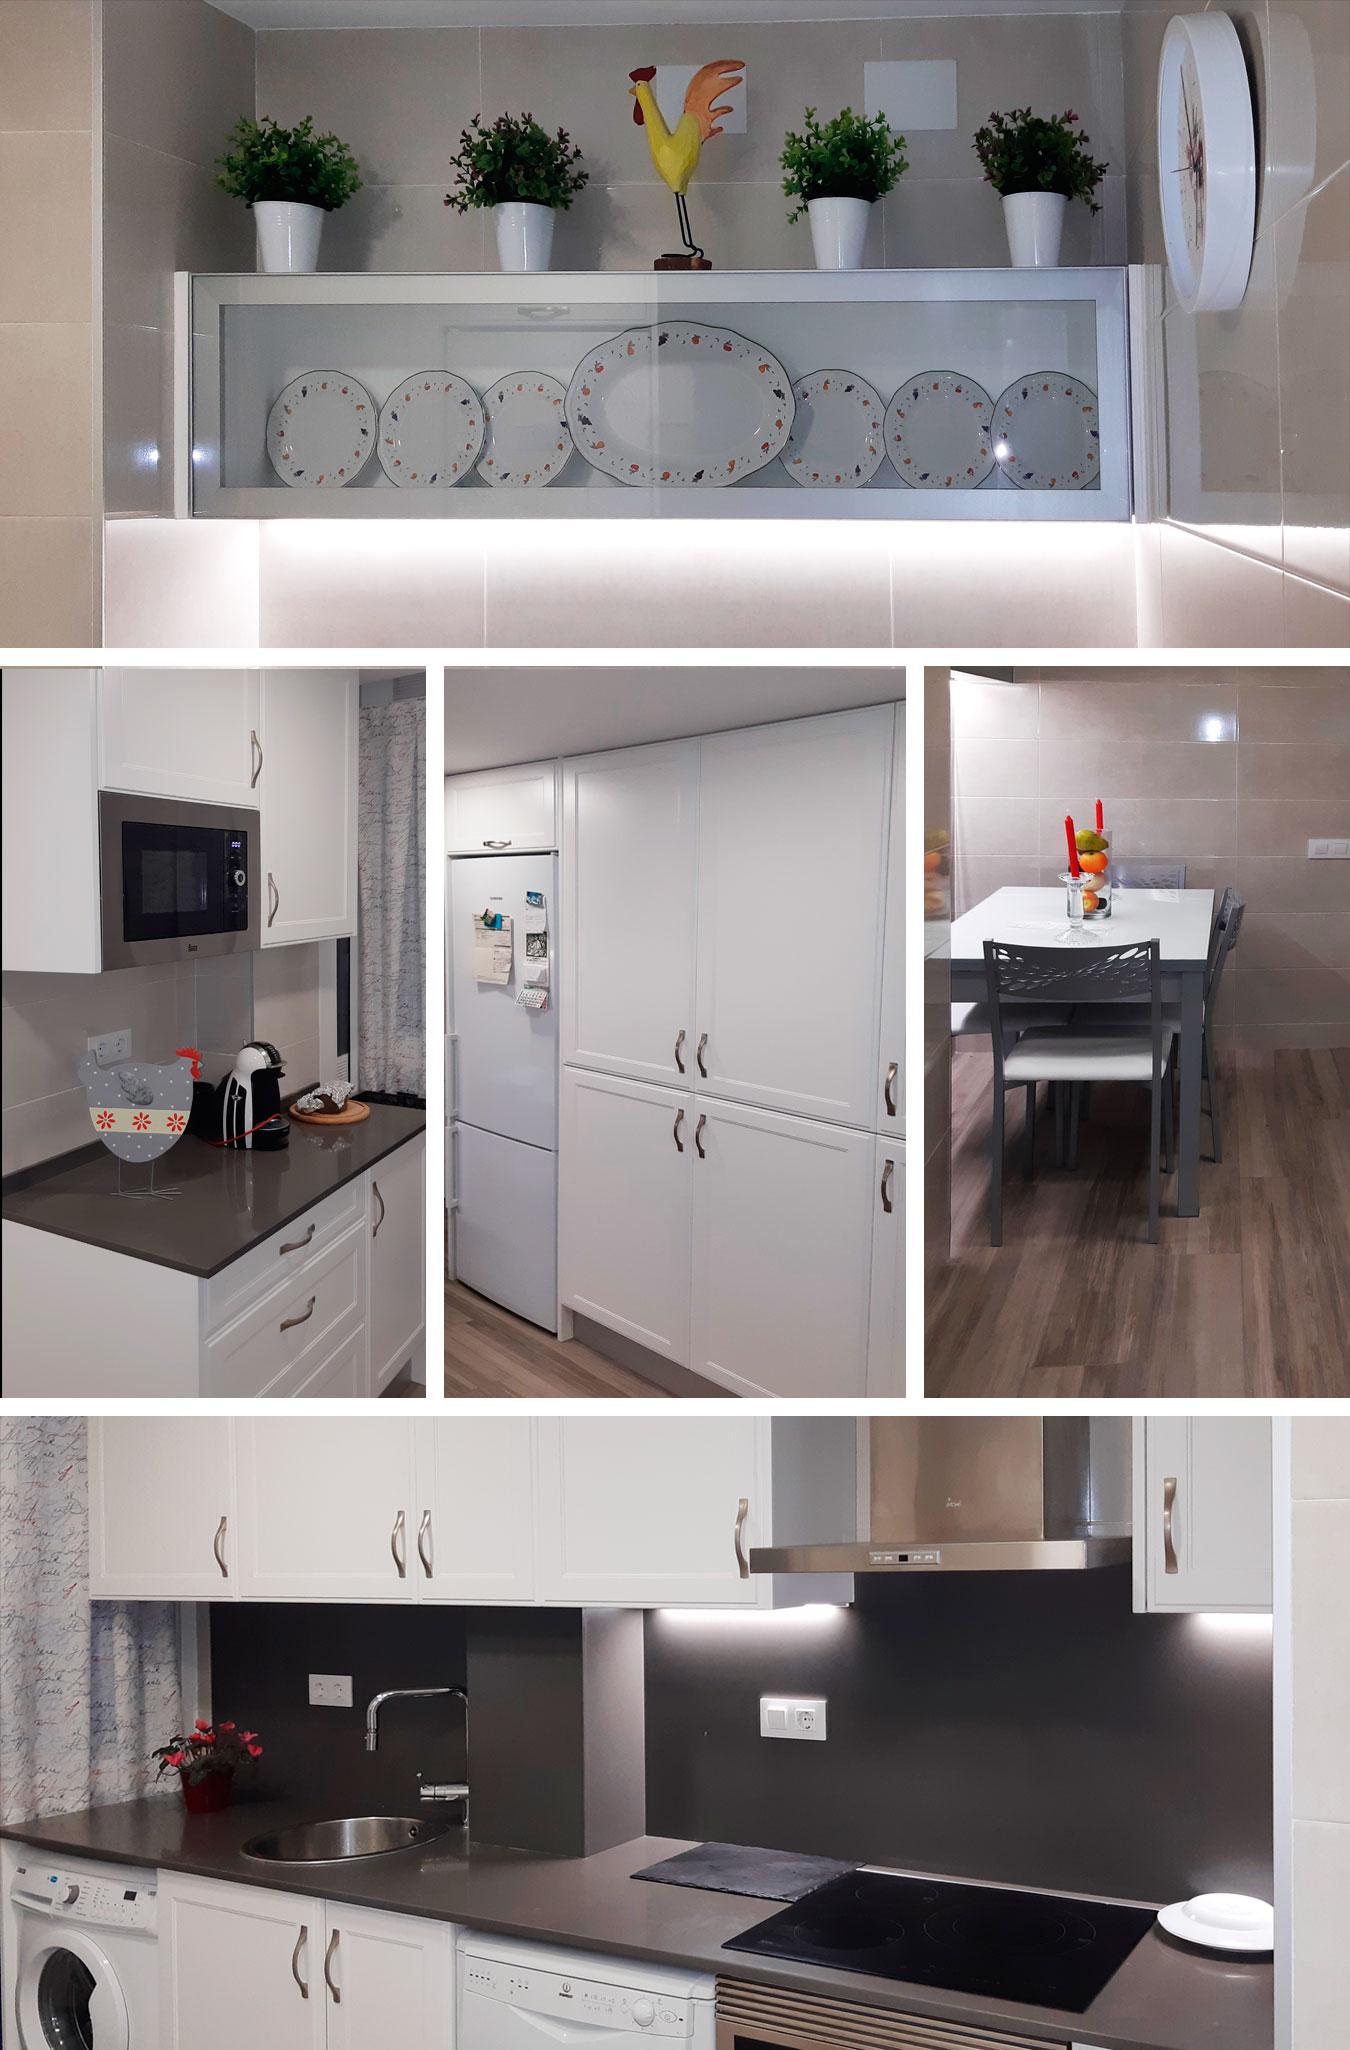 REFORMAS JOSÉ BANDA - Reforma de Cocina de estilo provenzal con puertas lacadas en blanco (Esplugues. Barcelona)